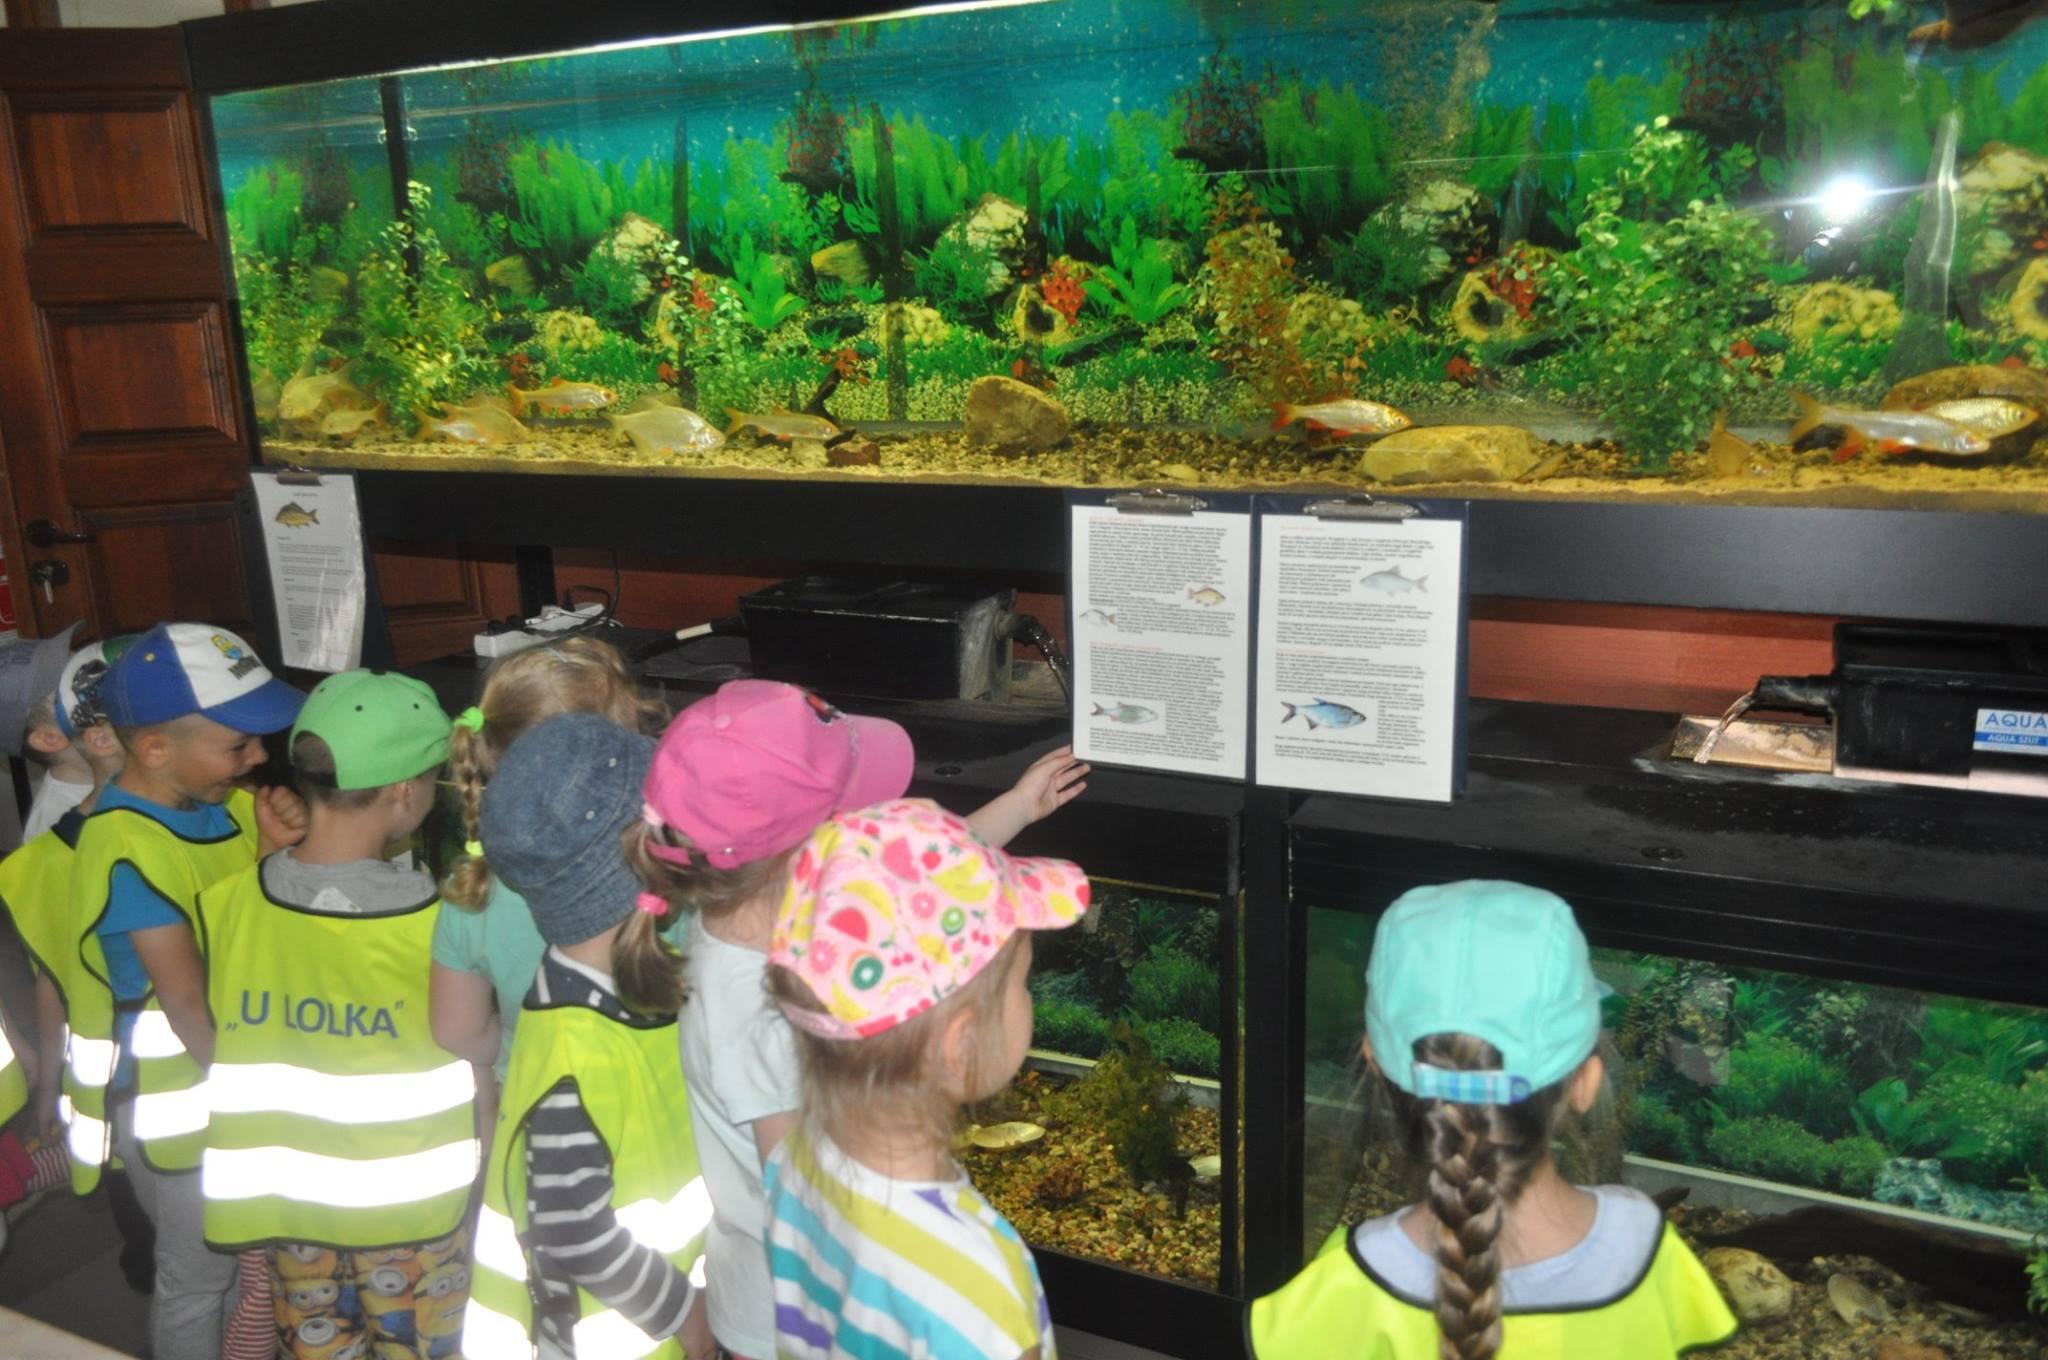 """Przedszkolaki """"U Lolka"""" z wizytą w Centrum Edukacji Ekologicznej"""